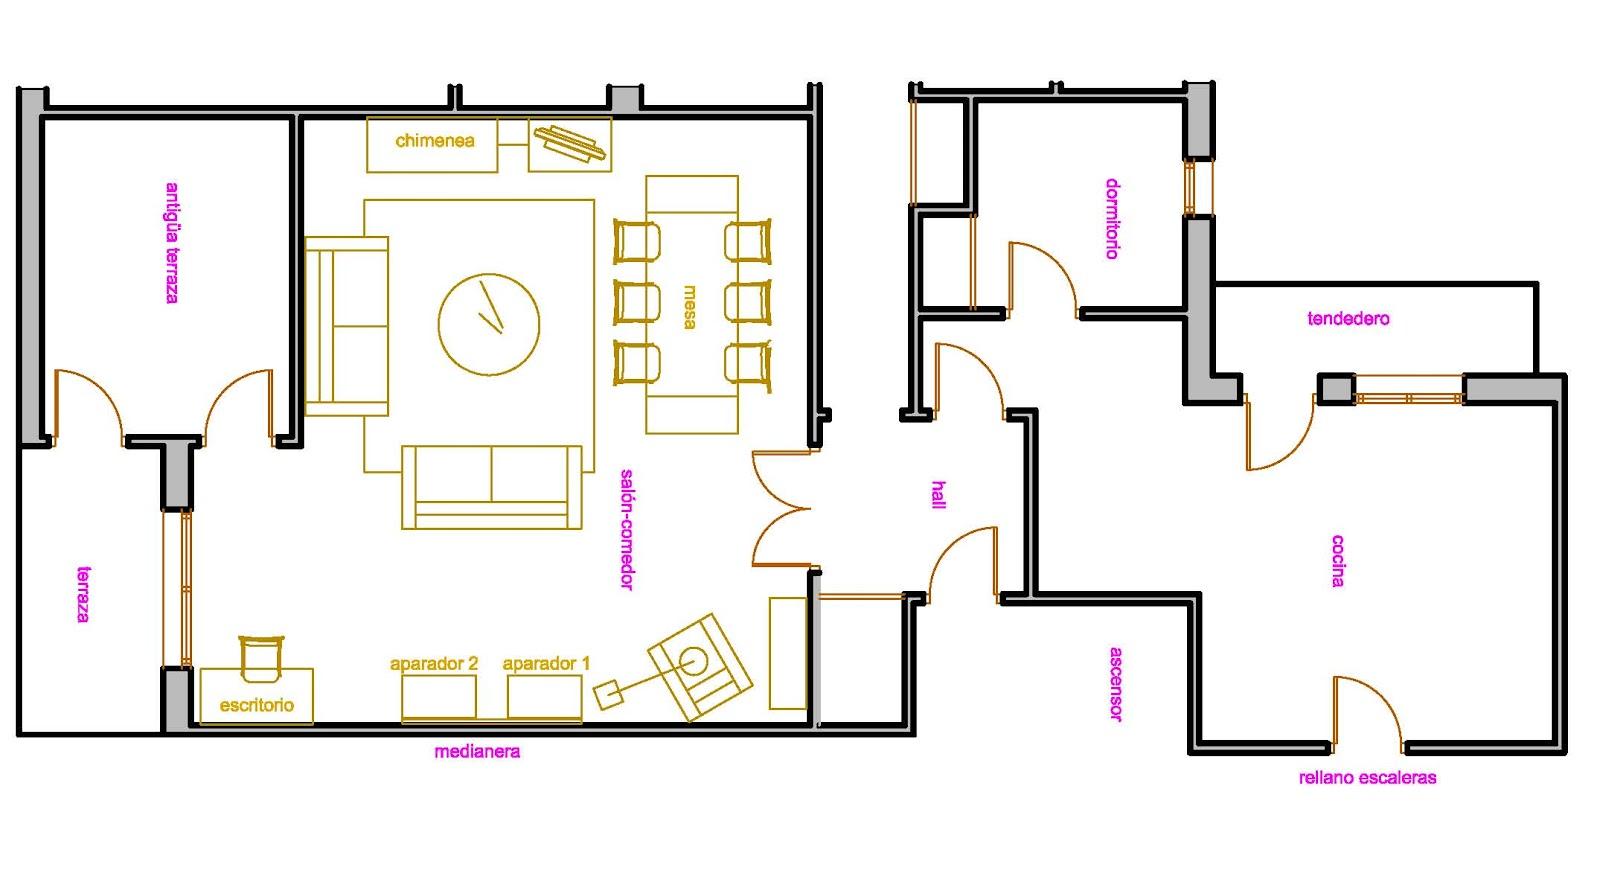 Planos low cost febrero 2012 for Dimensiones de un escritorio